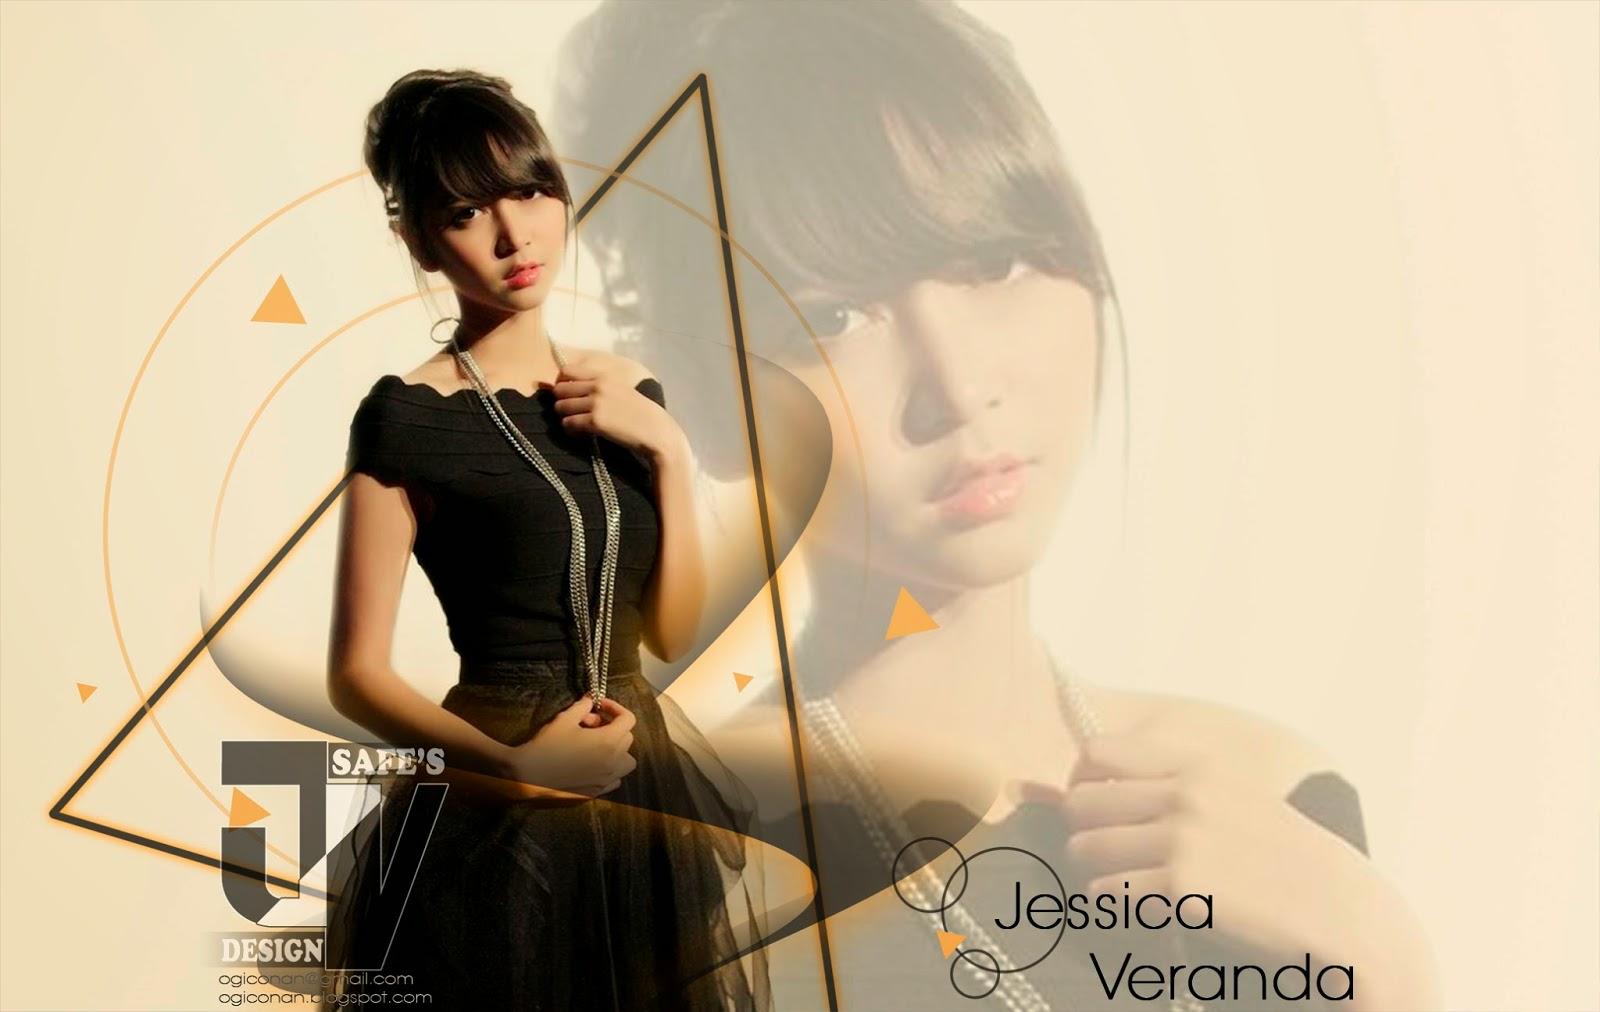 Jessica veranda edit